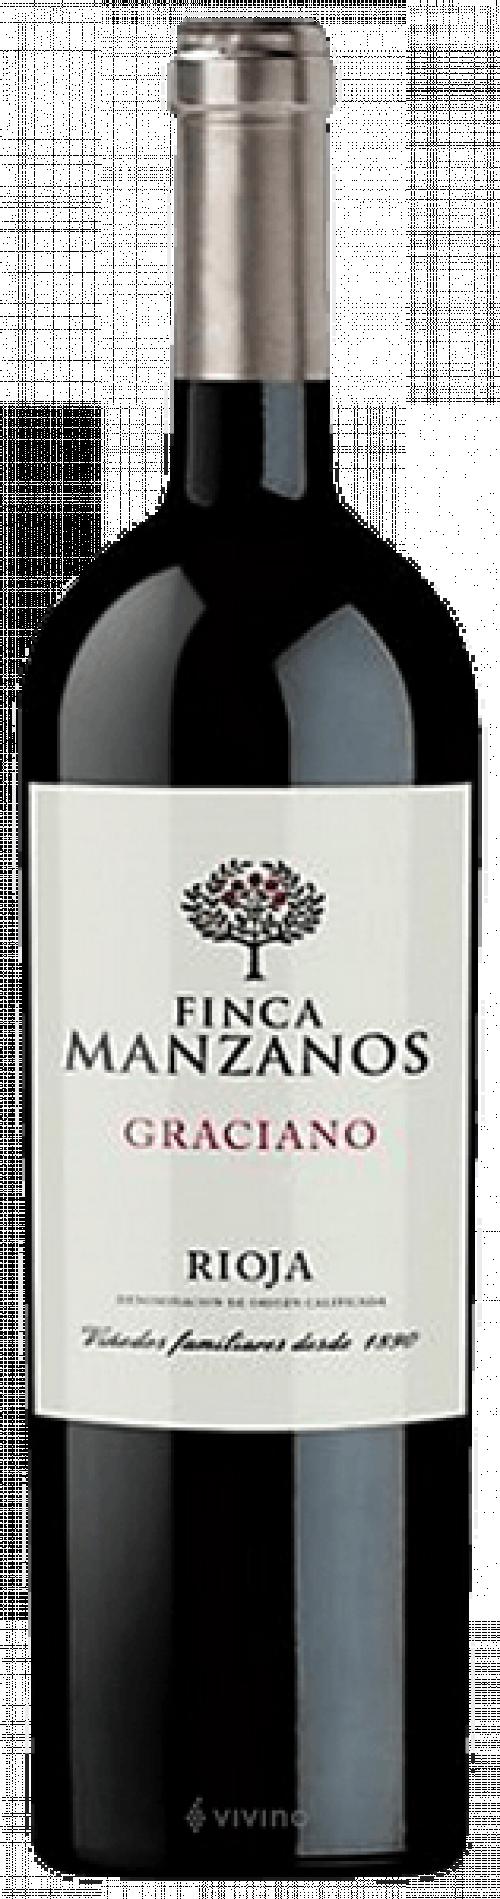 Finca Manzanos Graciano 750ml